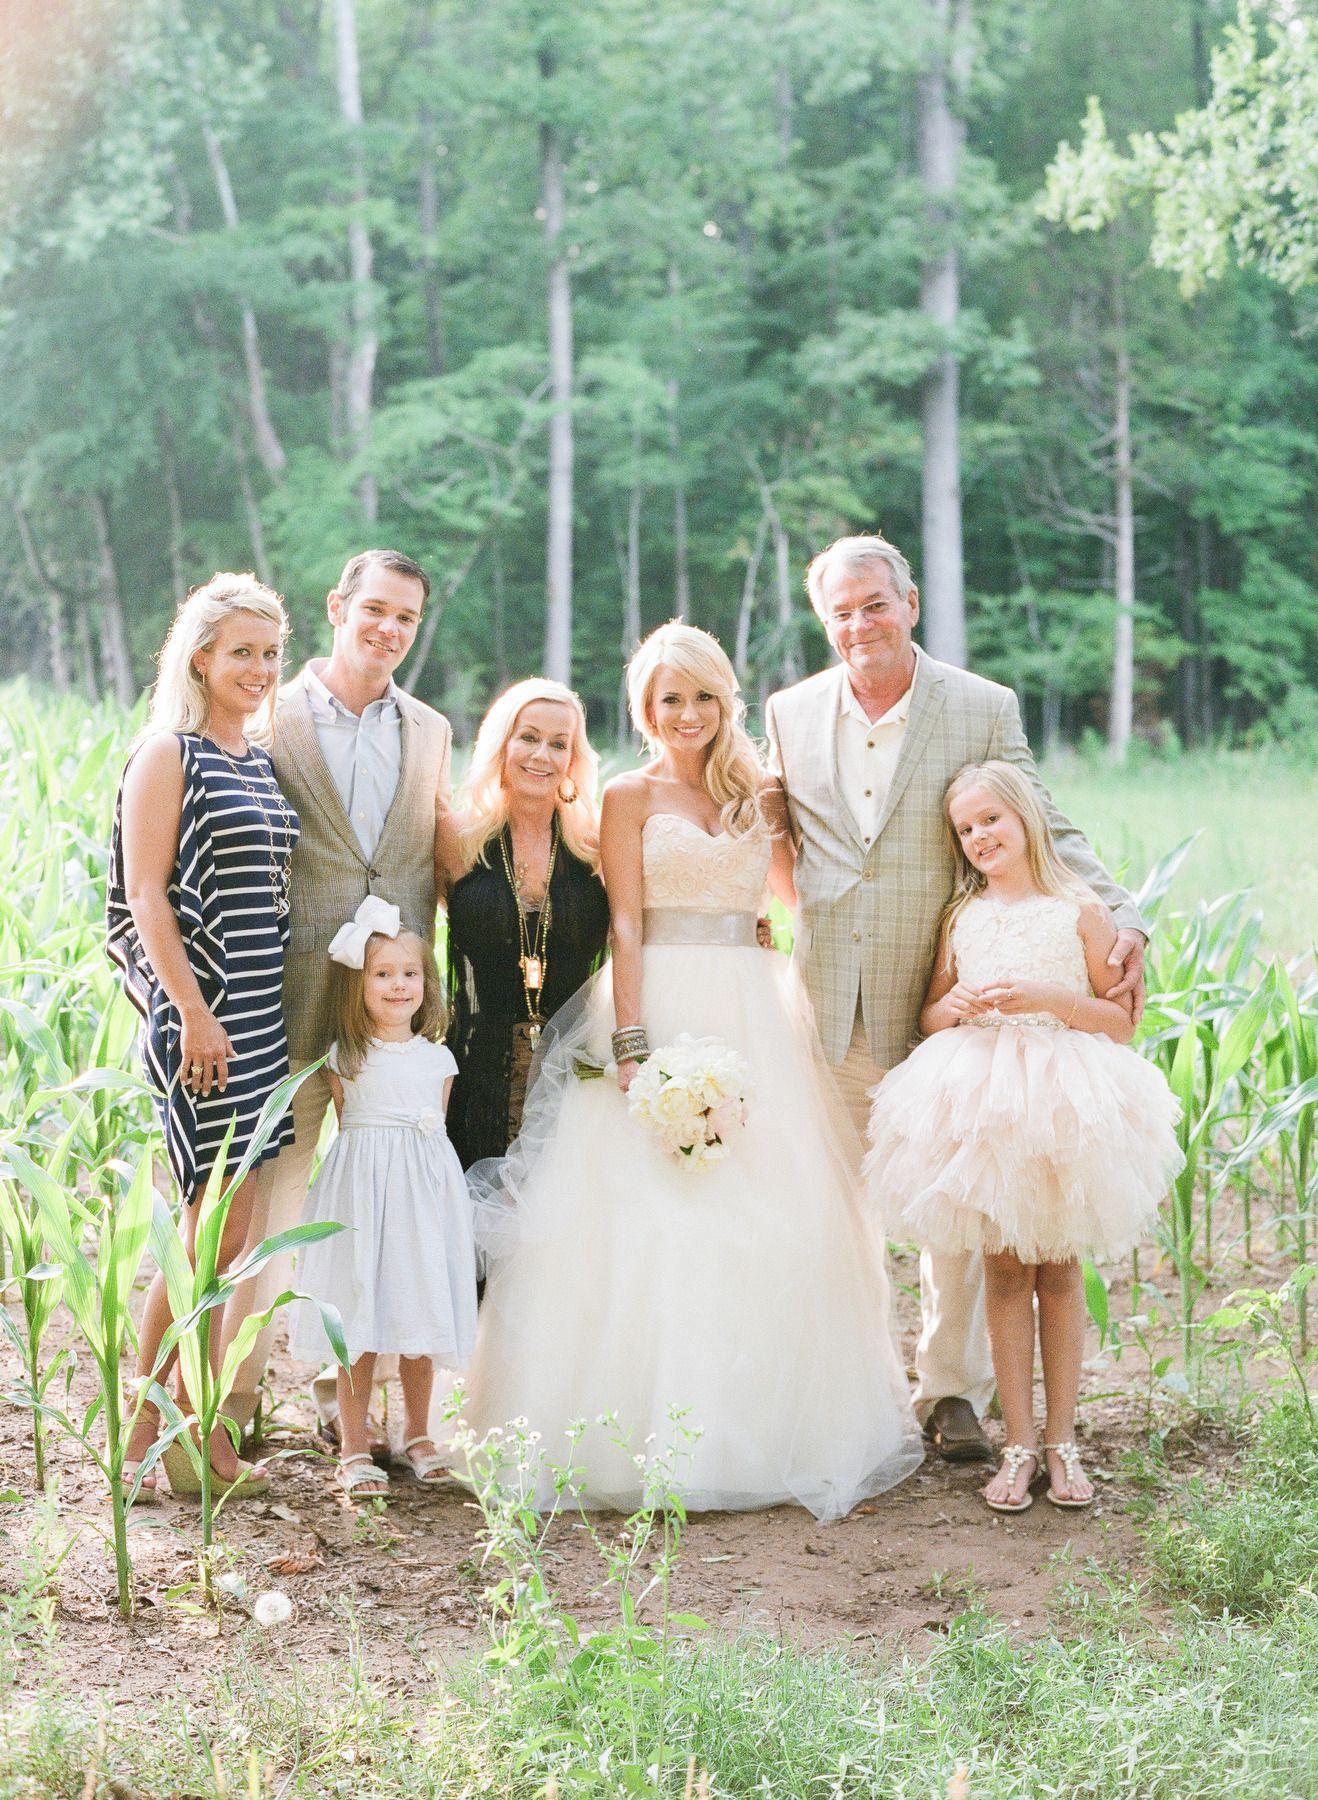 Emily Maynard S Surprise Wedding To Tyler Johnson Emily Maynard Wedding Emily Maynard Suprise Wedding